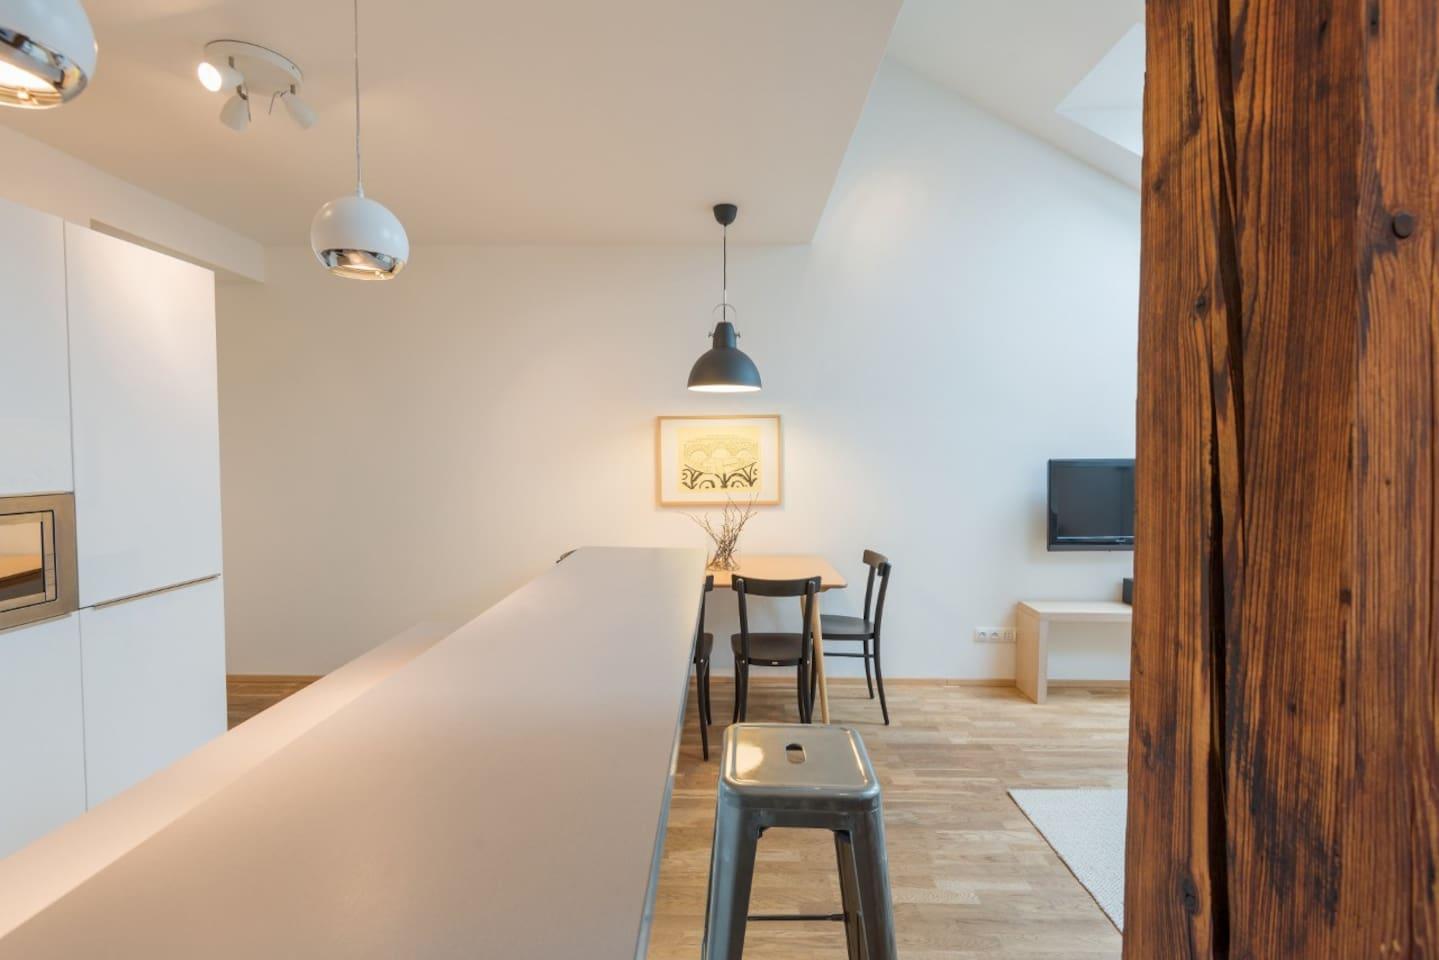 Vladislav Attic Duplex Prague apartment - Kitchen